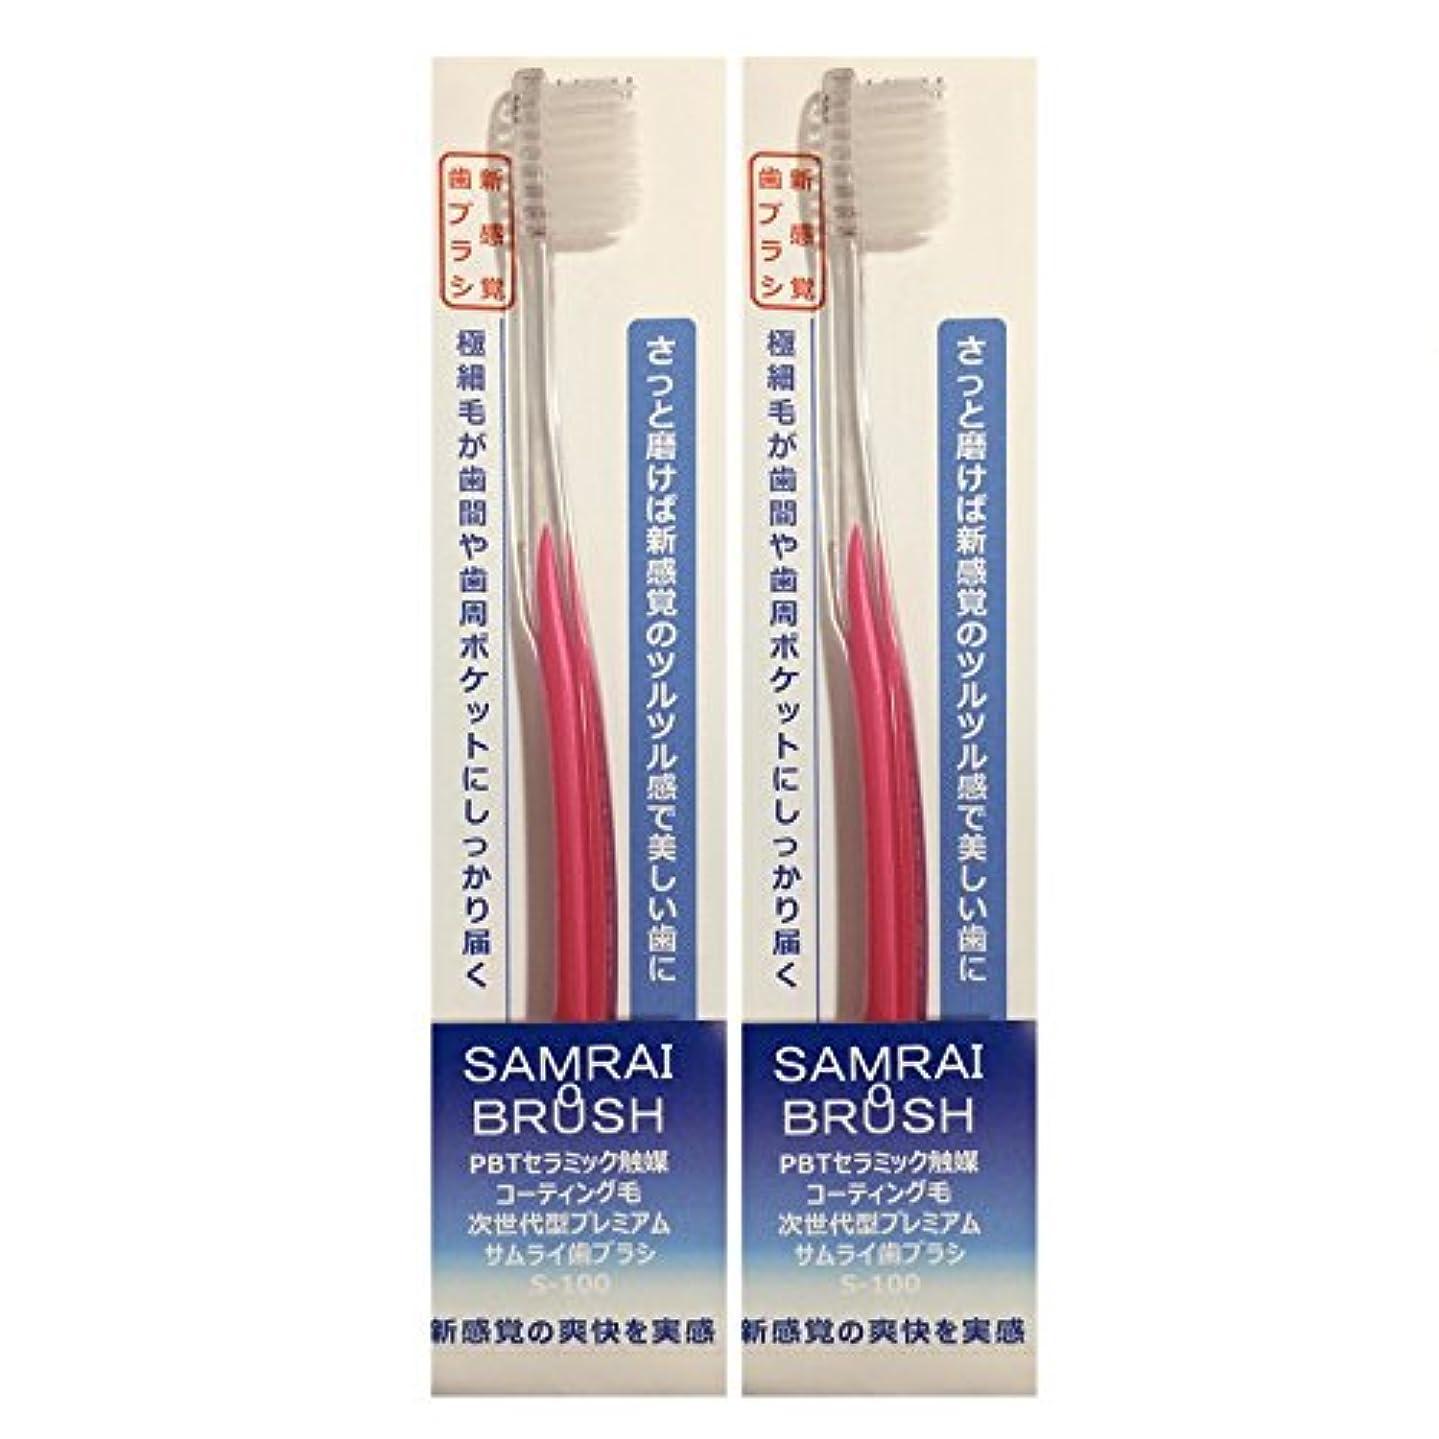 花瓶言うまでもなく酸素サムライ(SAMRAI)歯ブラシふつう ピンク 2本